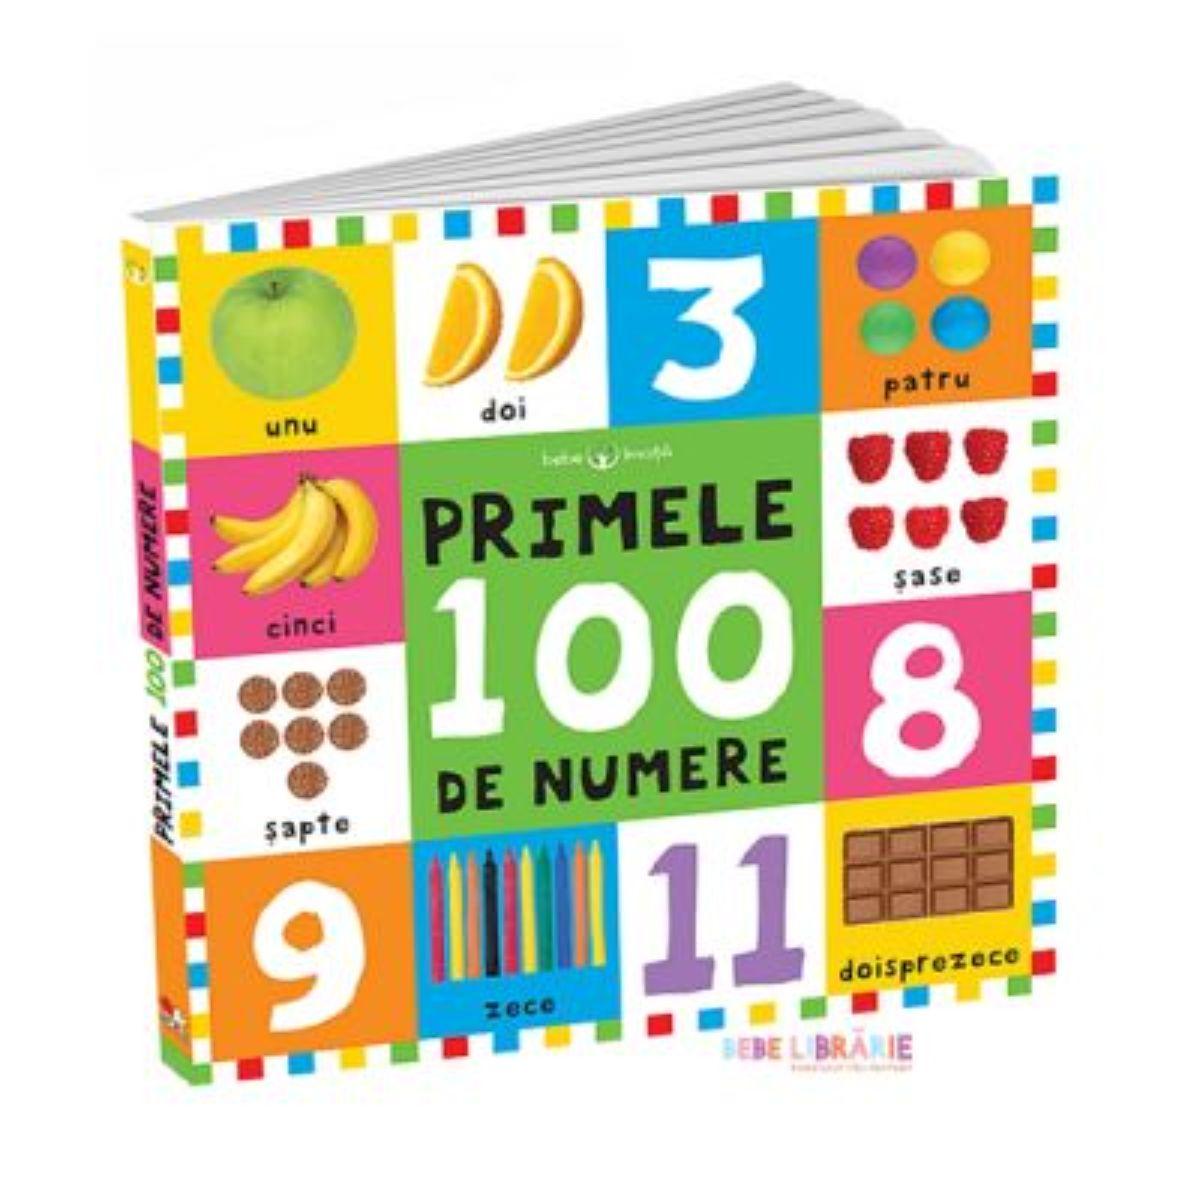 Bebe invata primele 100 de numere